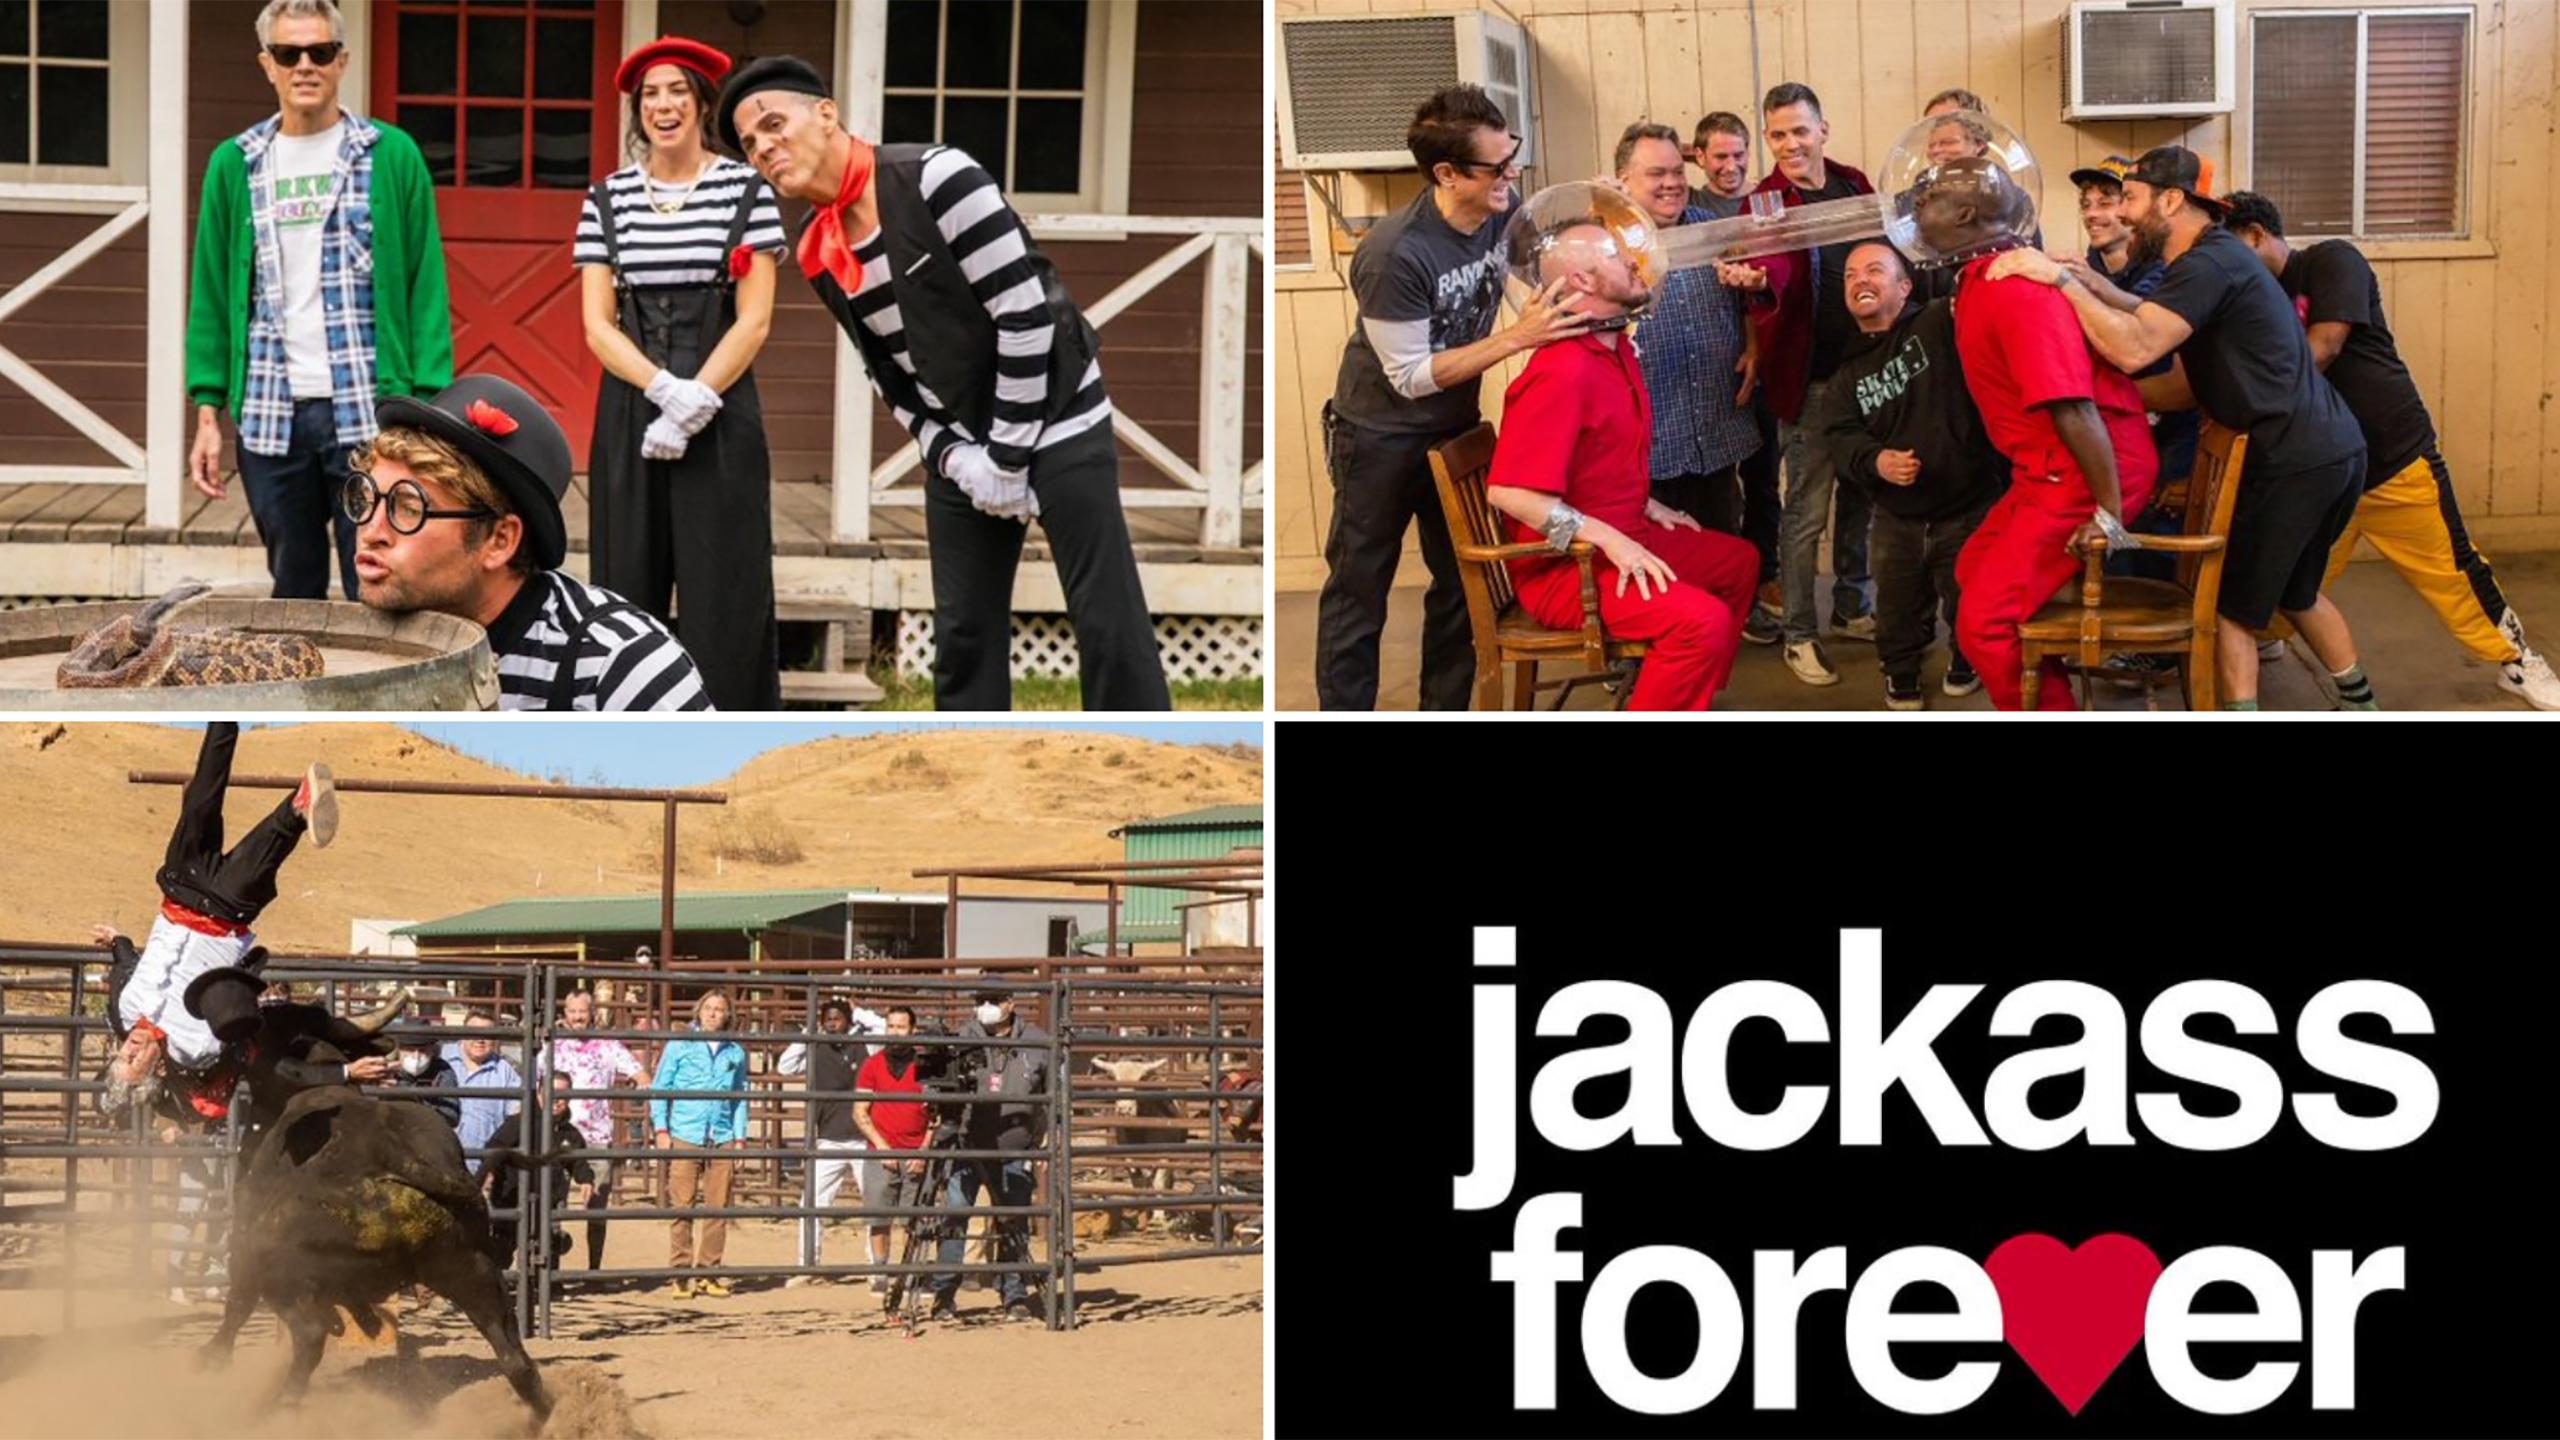 Jackass 4 Set Photos